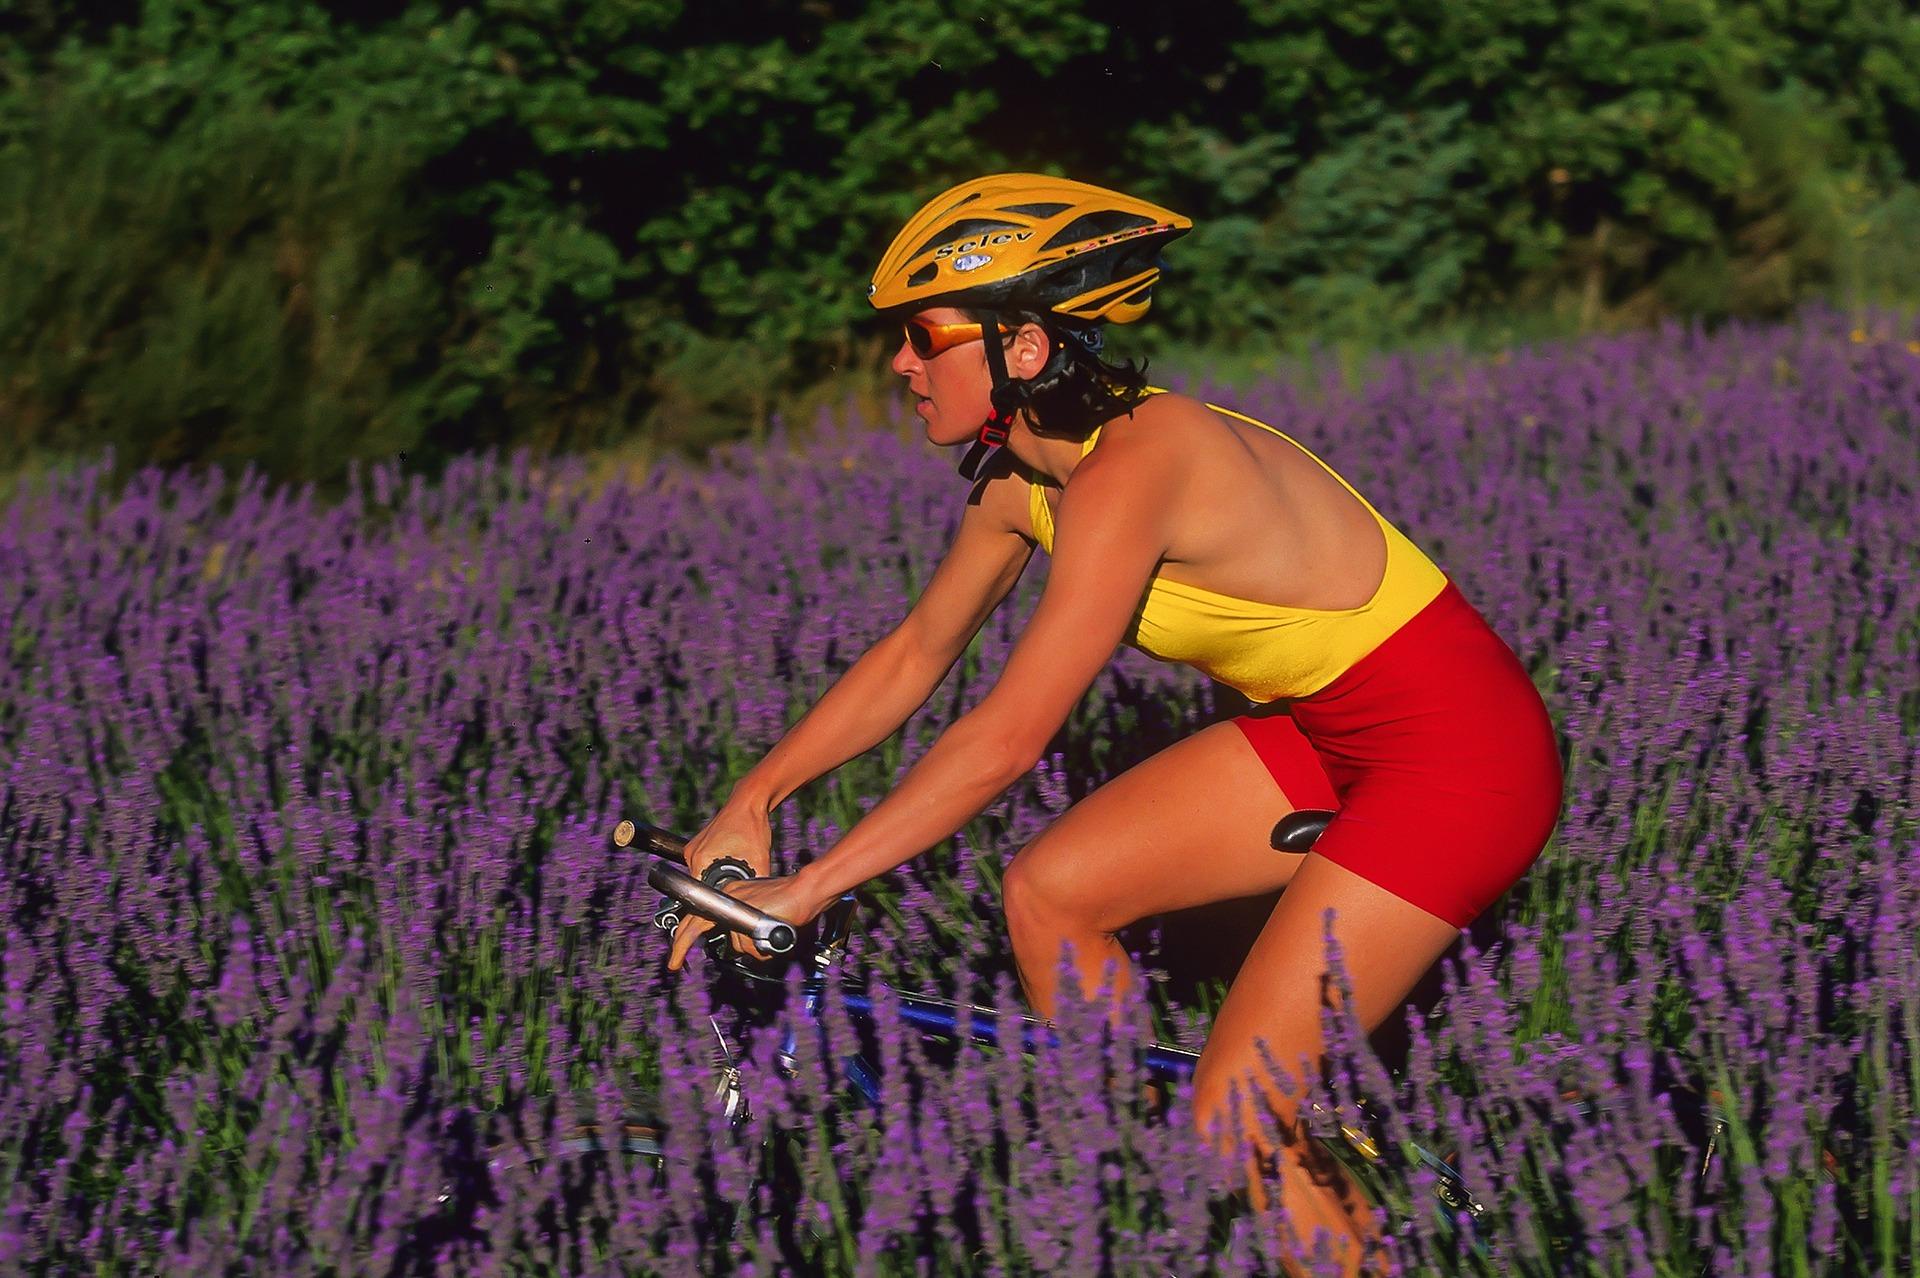 Imagem mostra uma mulher pedalando em um campo com flores.